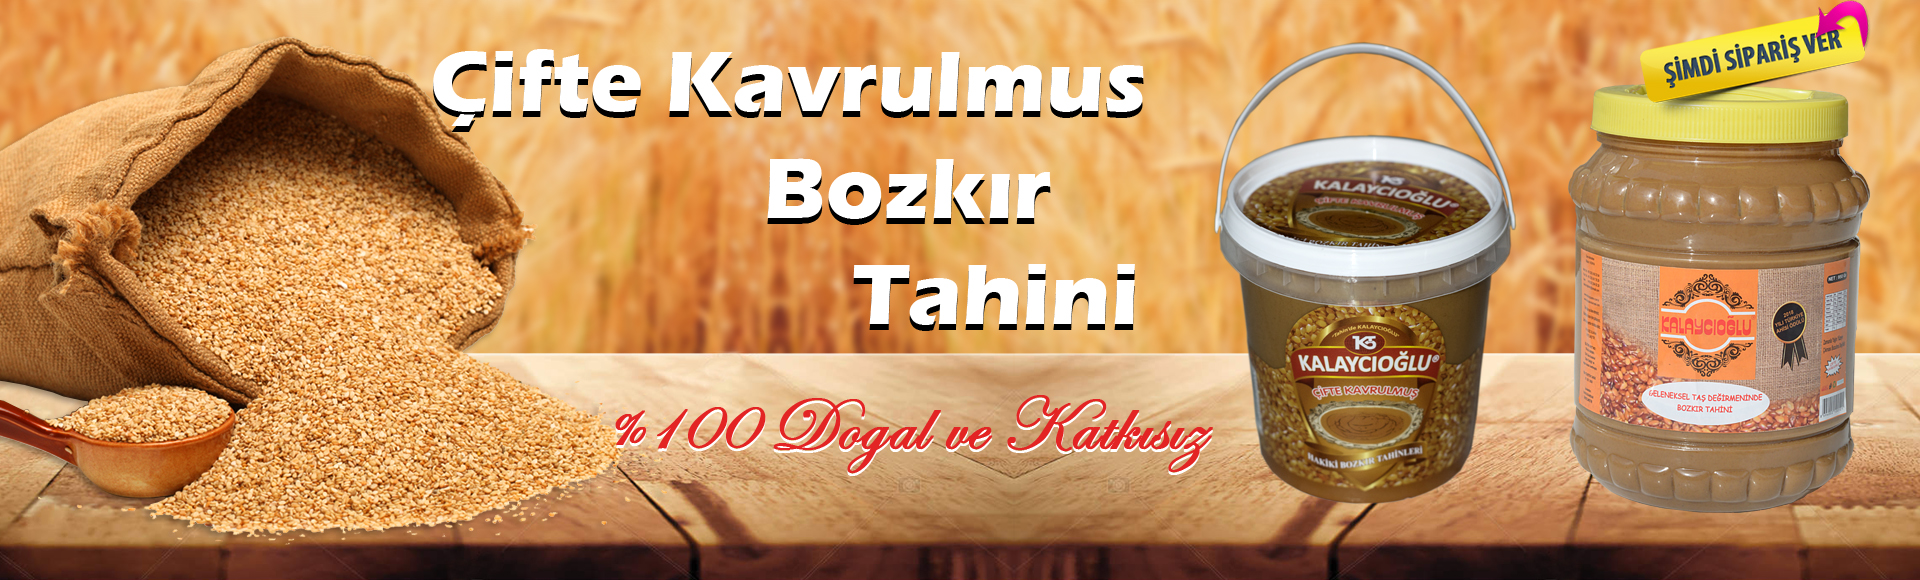 Bozkır Tahini - Kalaycıoğlu Tahin